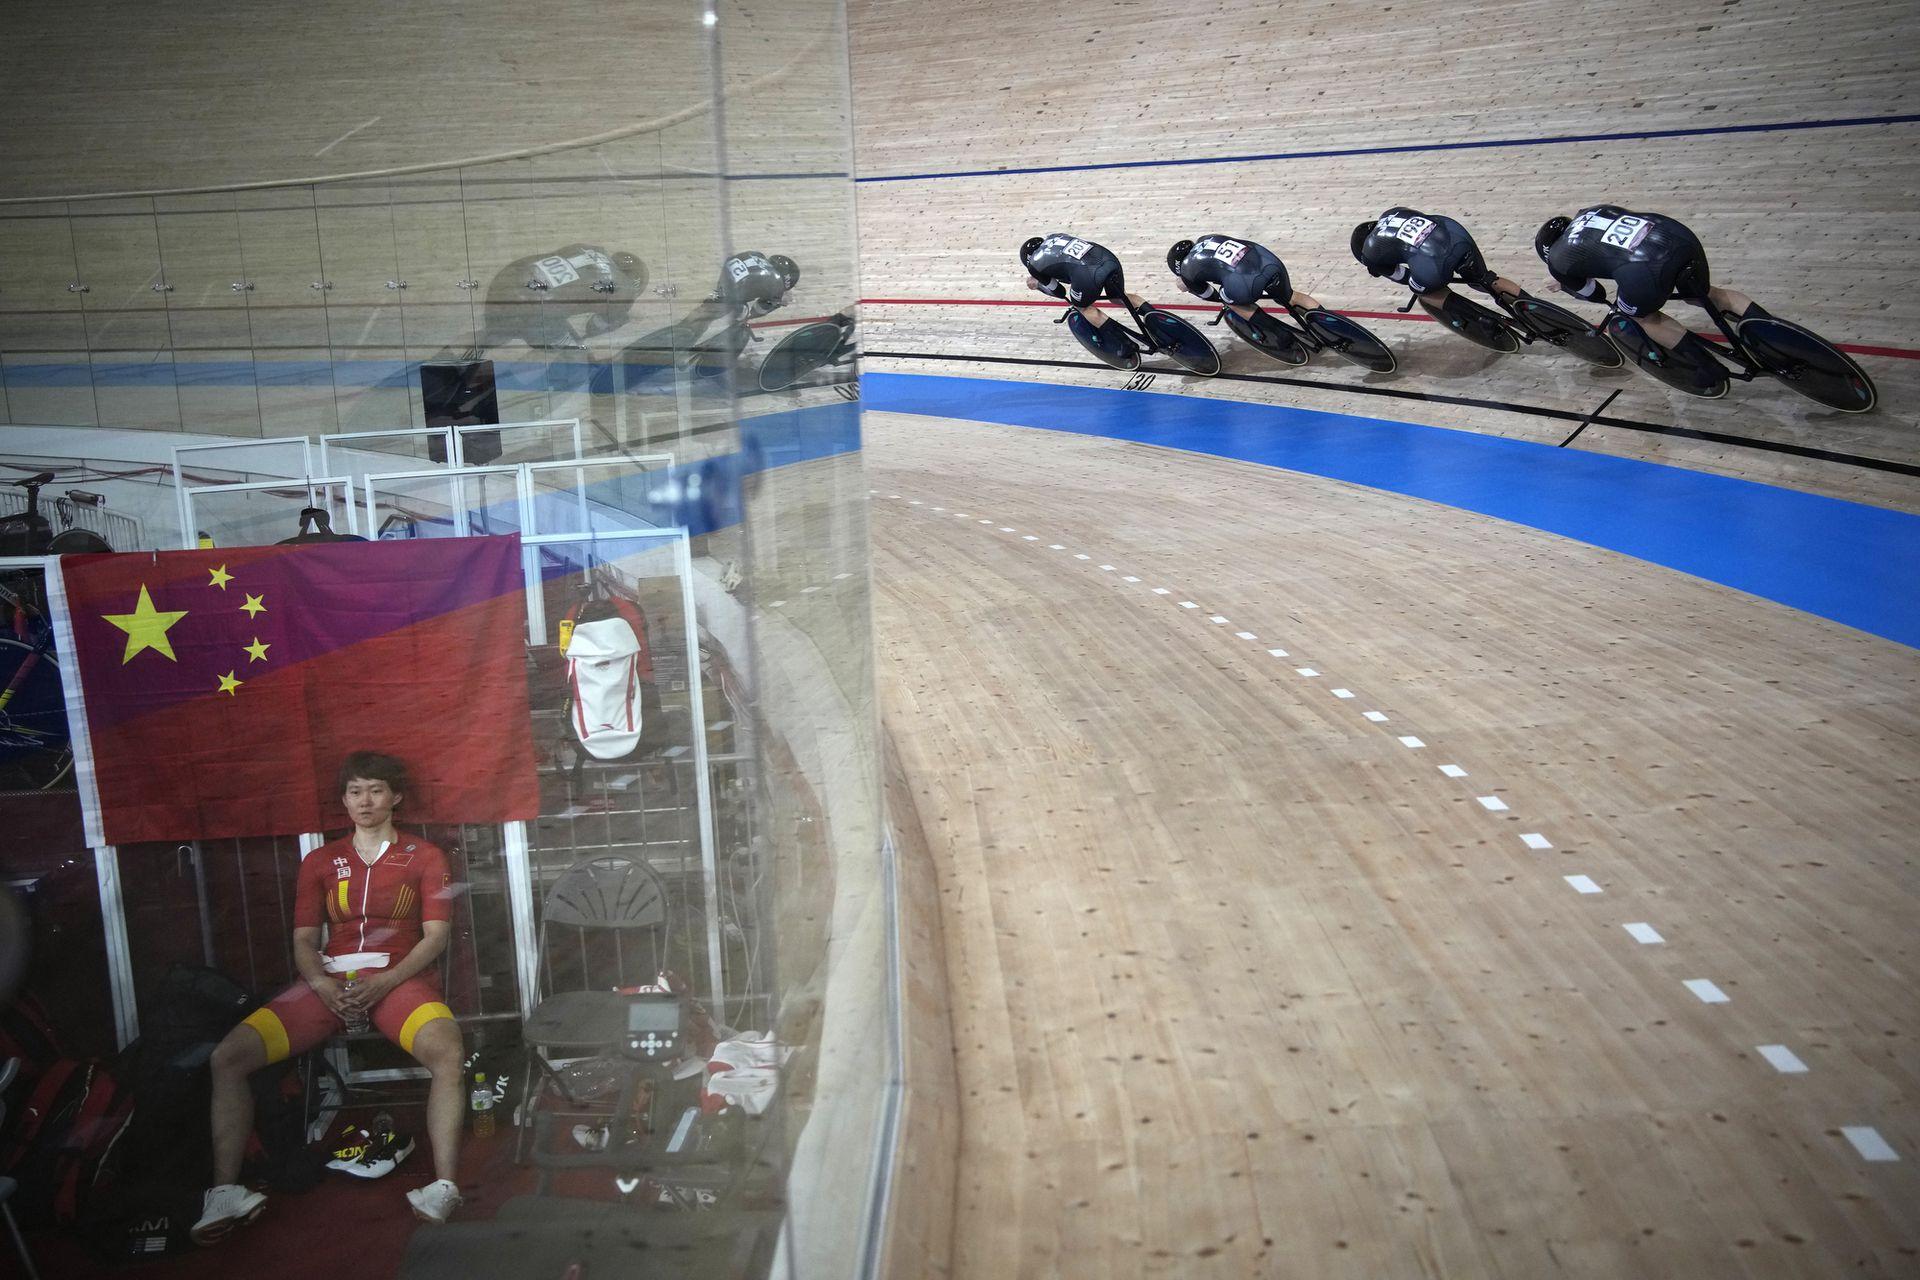 El equipo de Nueva Zelanda compite mientras Tianshi Zhong del equipo de China, a la izquierda, se toma un descanso durante una eliminatoria de clasificación para la persecución por equipos femeninos de ciclismo en pista